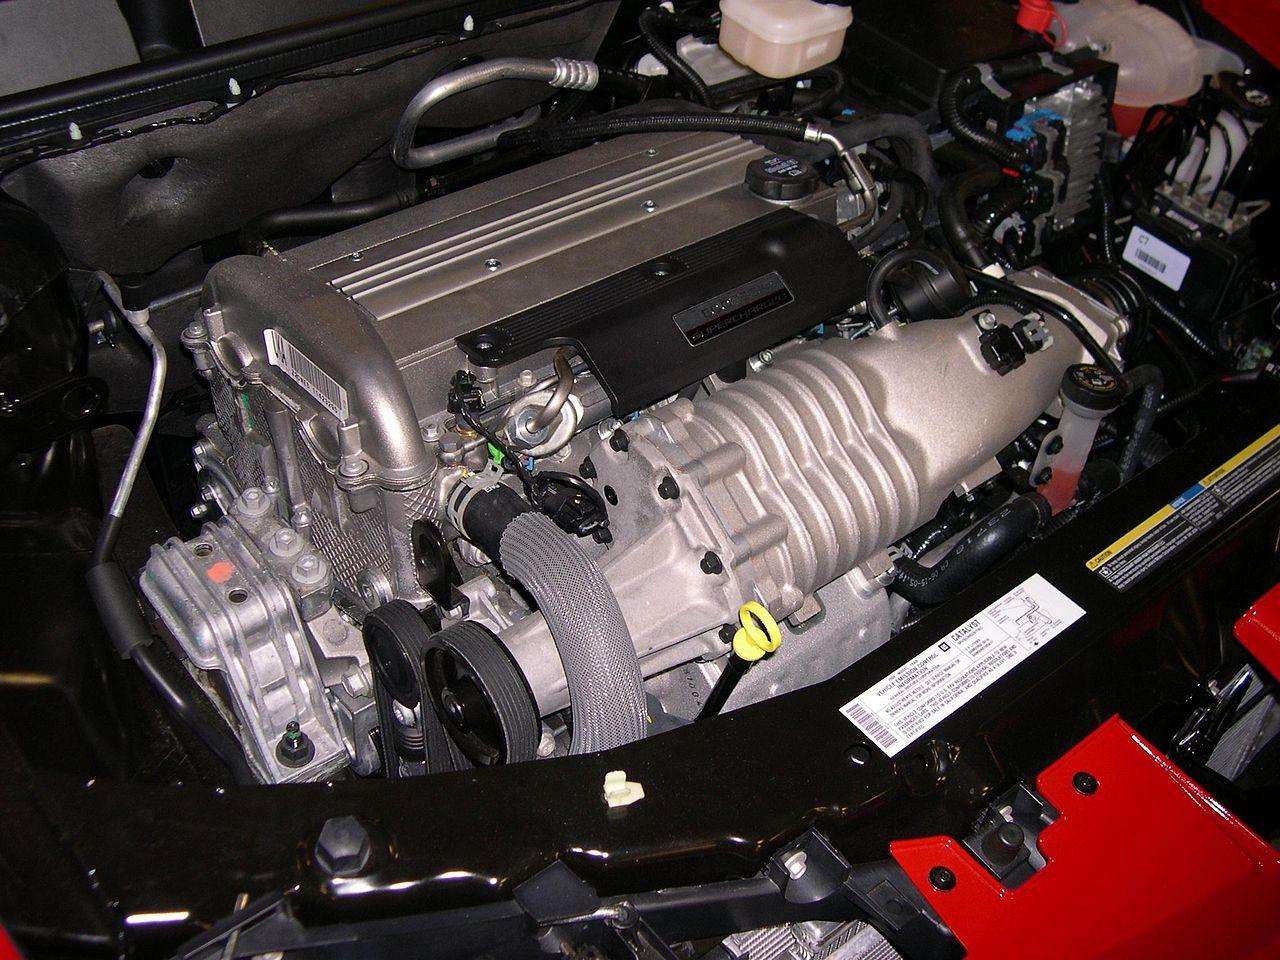 2004 saturn ion 2 fuse box location wt 5553  oil filter location 2004 saturn ion redline wiring  oil filter location 2004 saturn ion